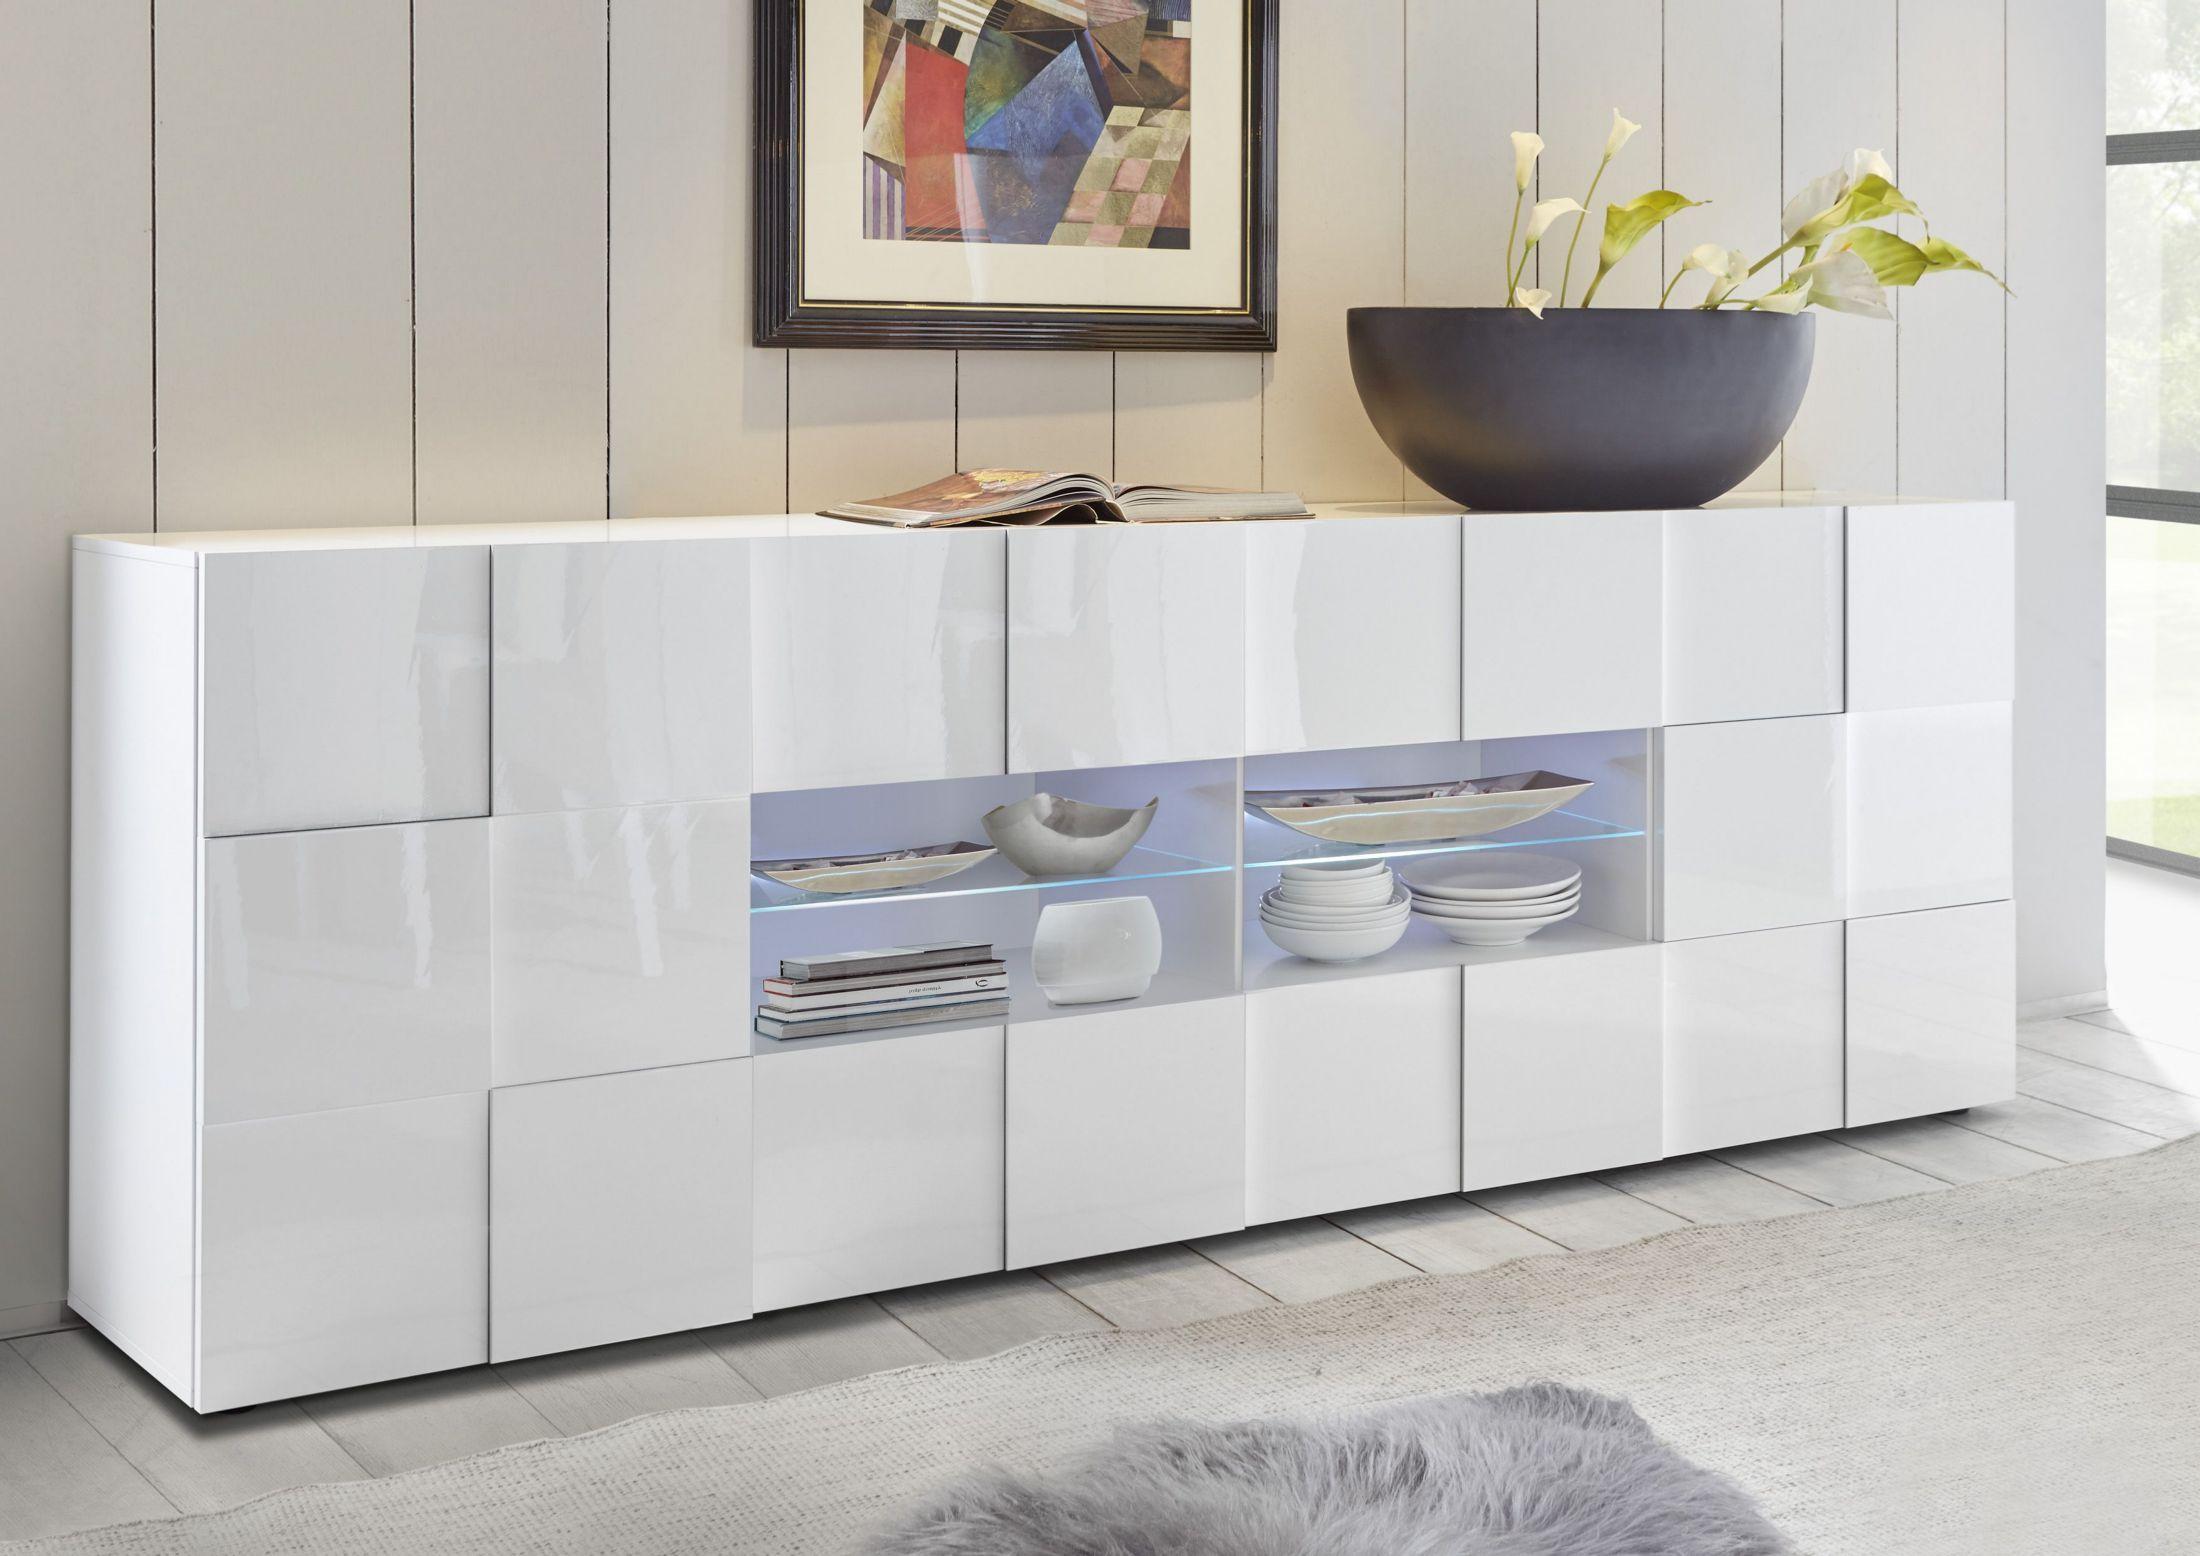 Künstlerisch Kommode Weiß Hochglanz Design Galerie Von Sideboard Anrichte In Weiss Lackiert 3d-optikwoody 12-01195